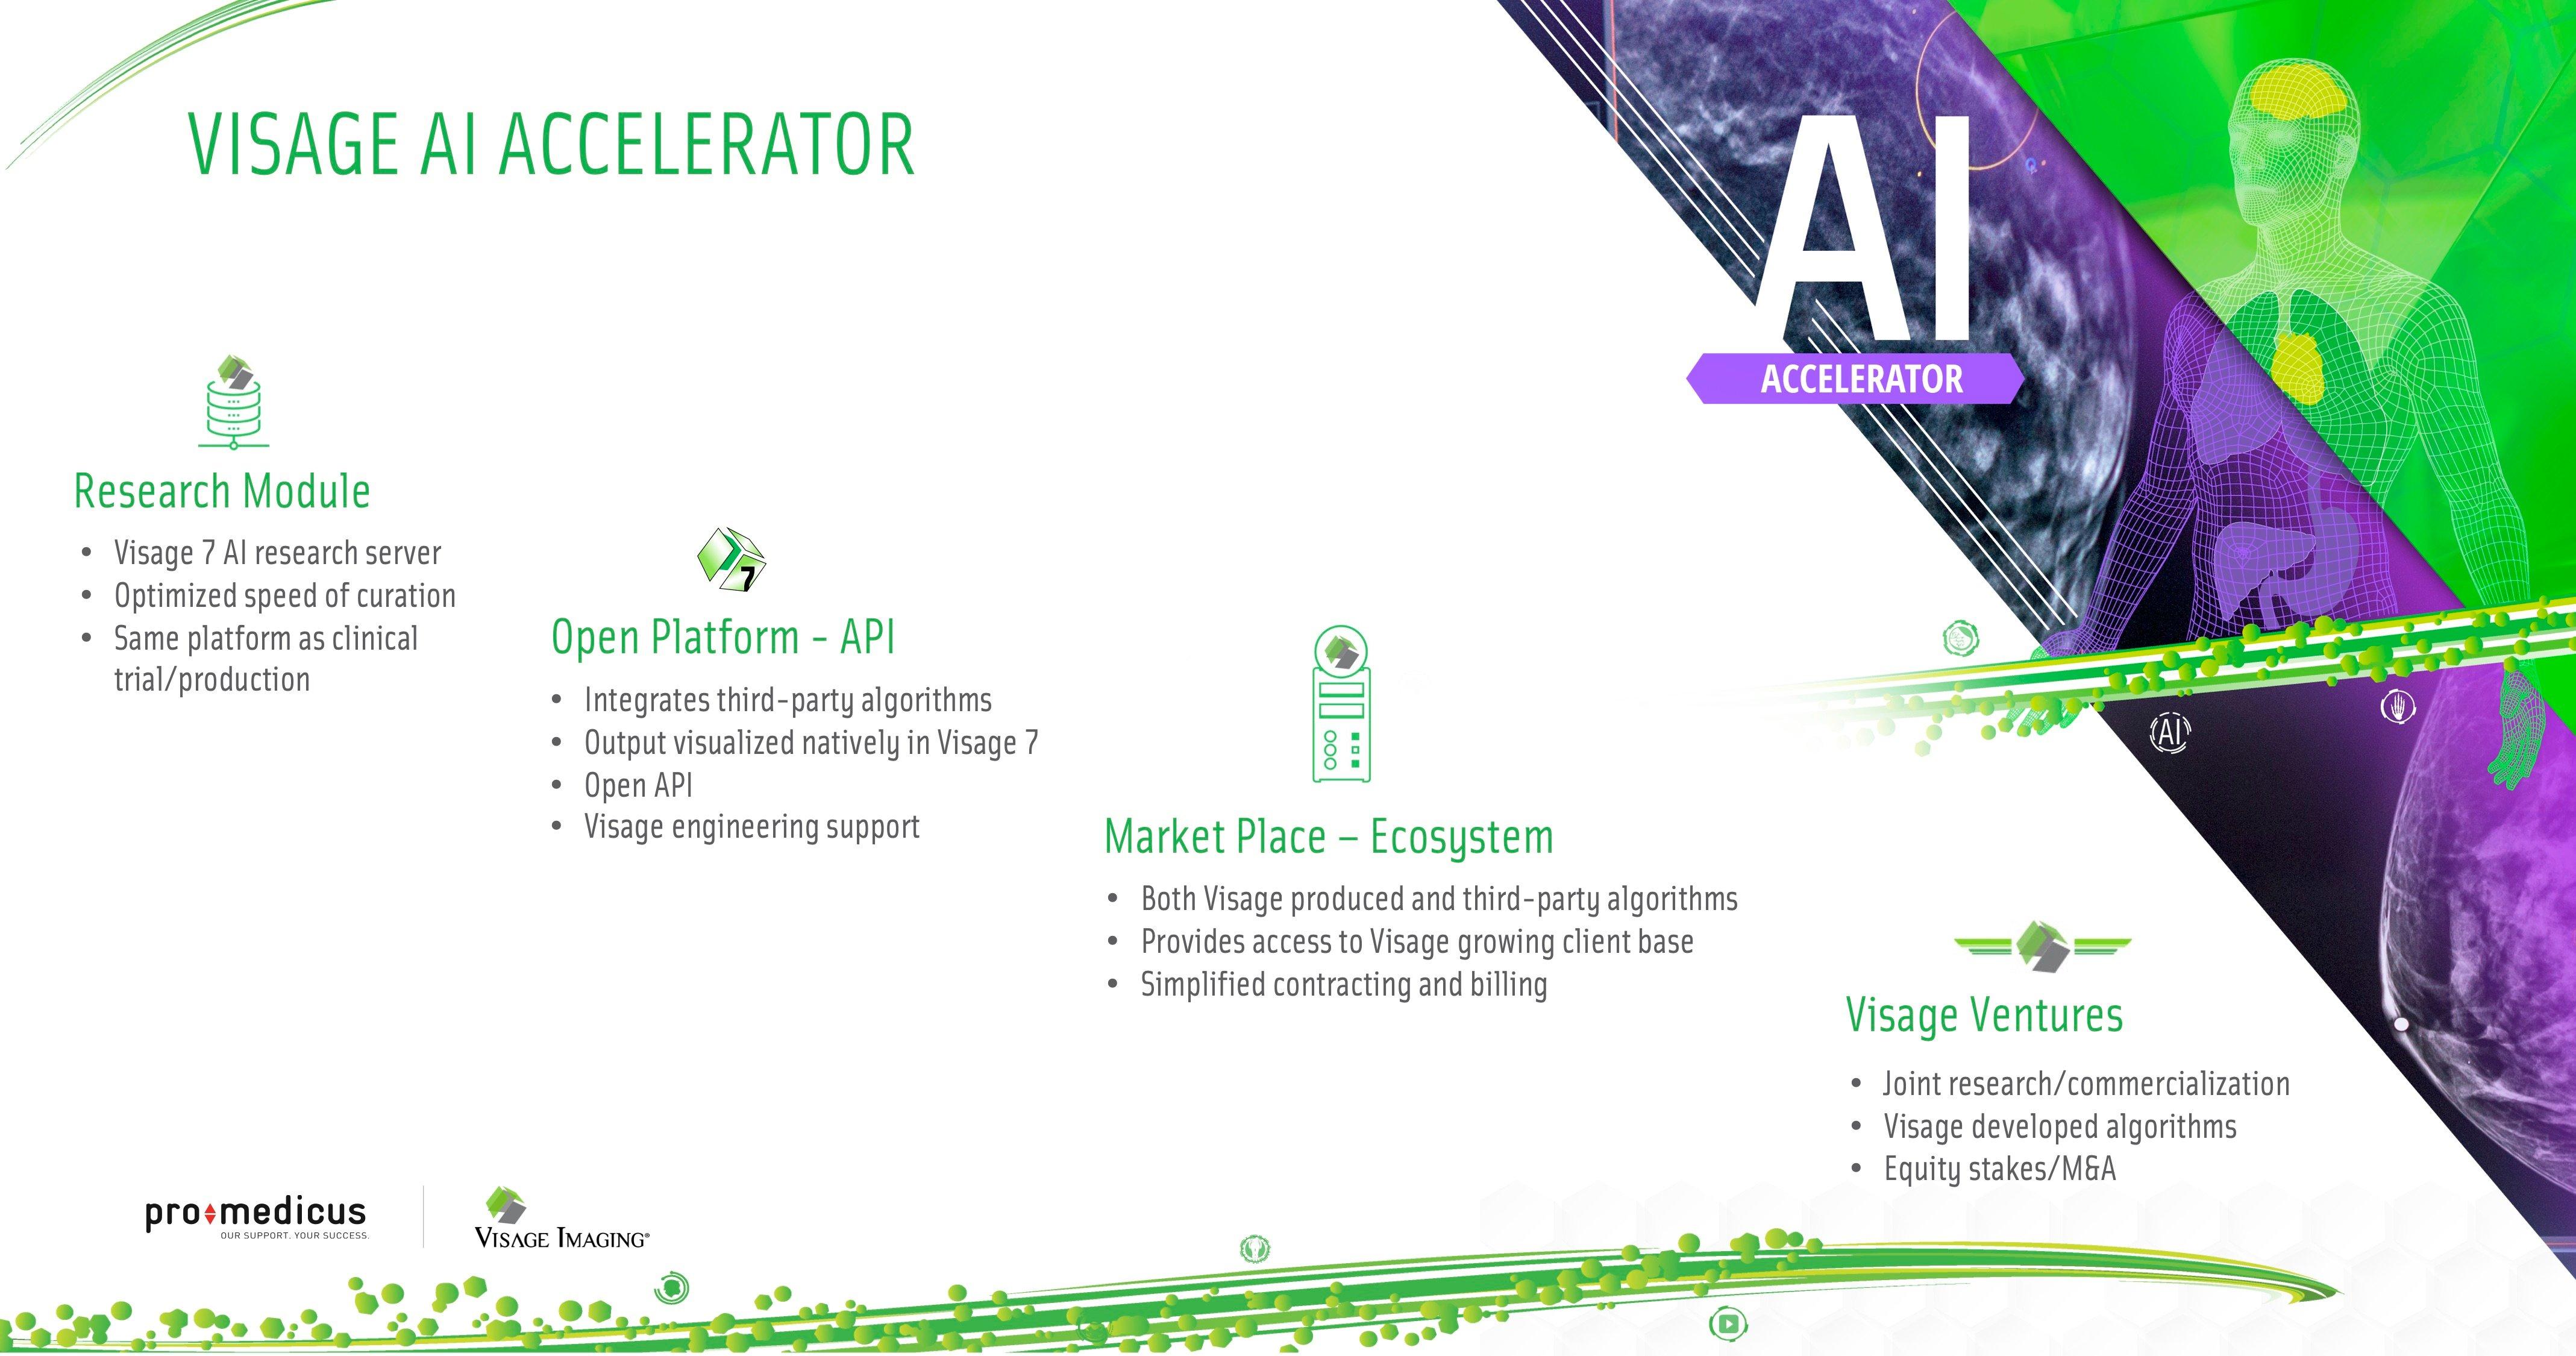 Visage AI Accelerator